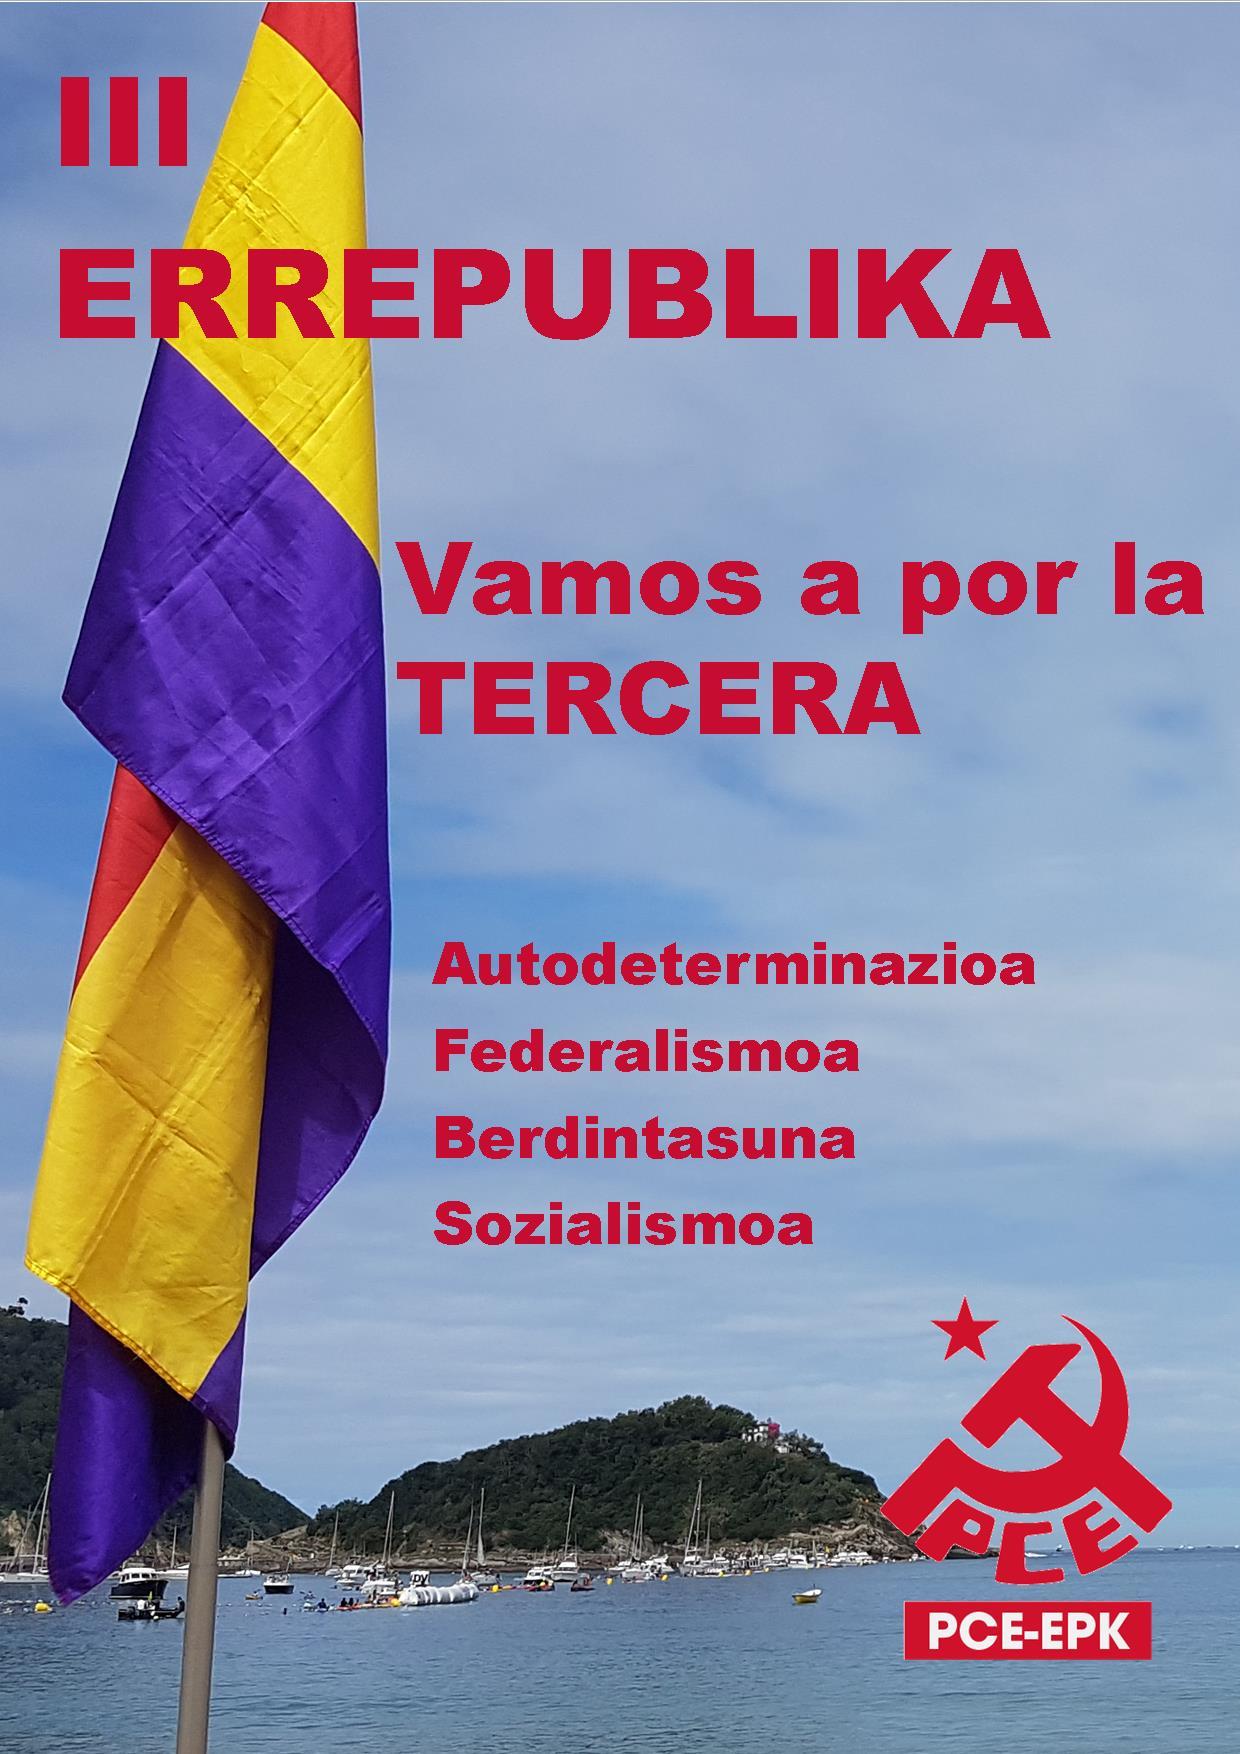 El PCE-EPK considera roto el pacto constitucional y llama a participar en la manifestación Republicana convocada para el 6 de Diciembre en Donostia.